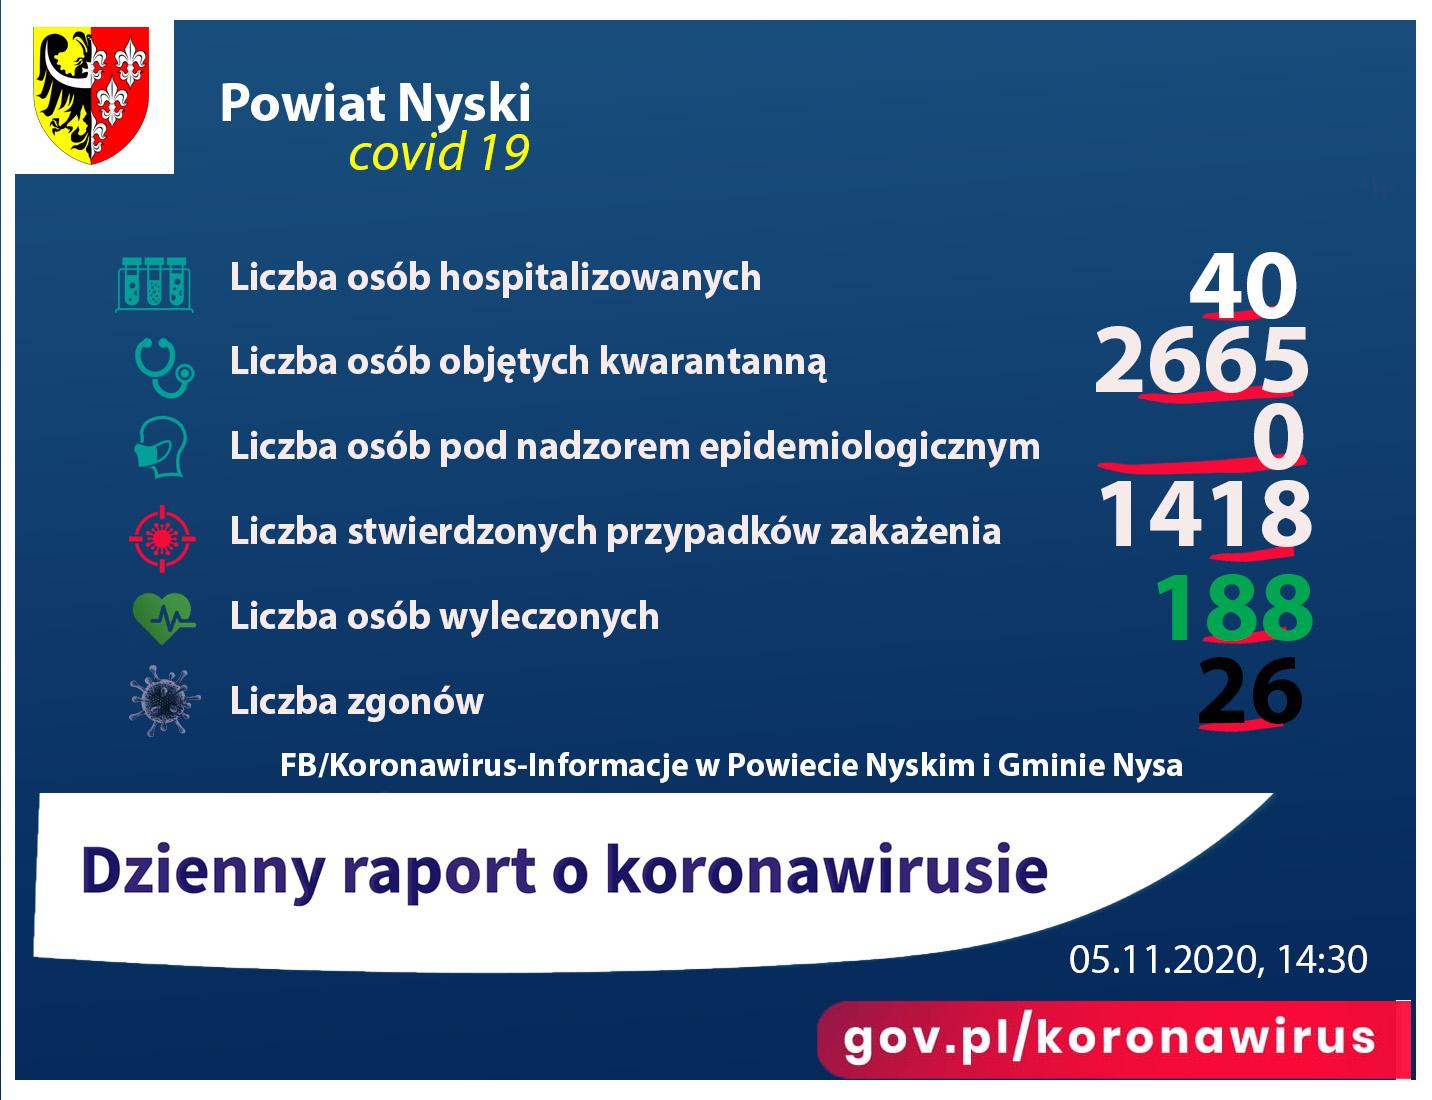 Liczba zakażonych - 1418, ozdrowieńcy - 188, kwarantanna - 2665, zgony 26